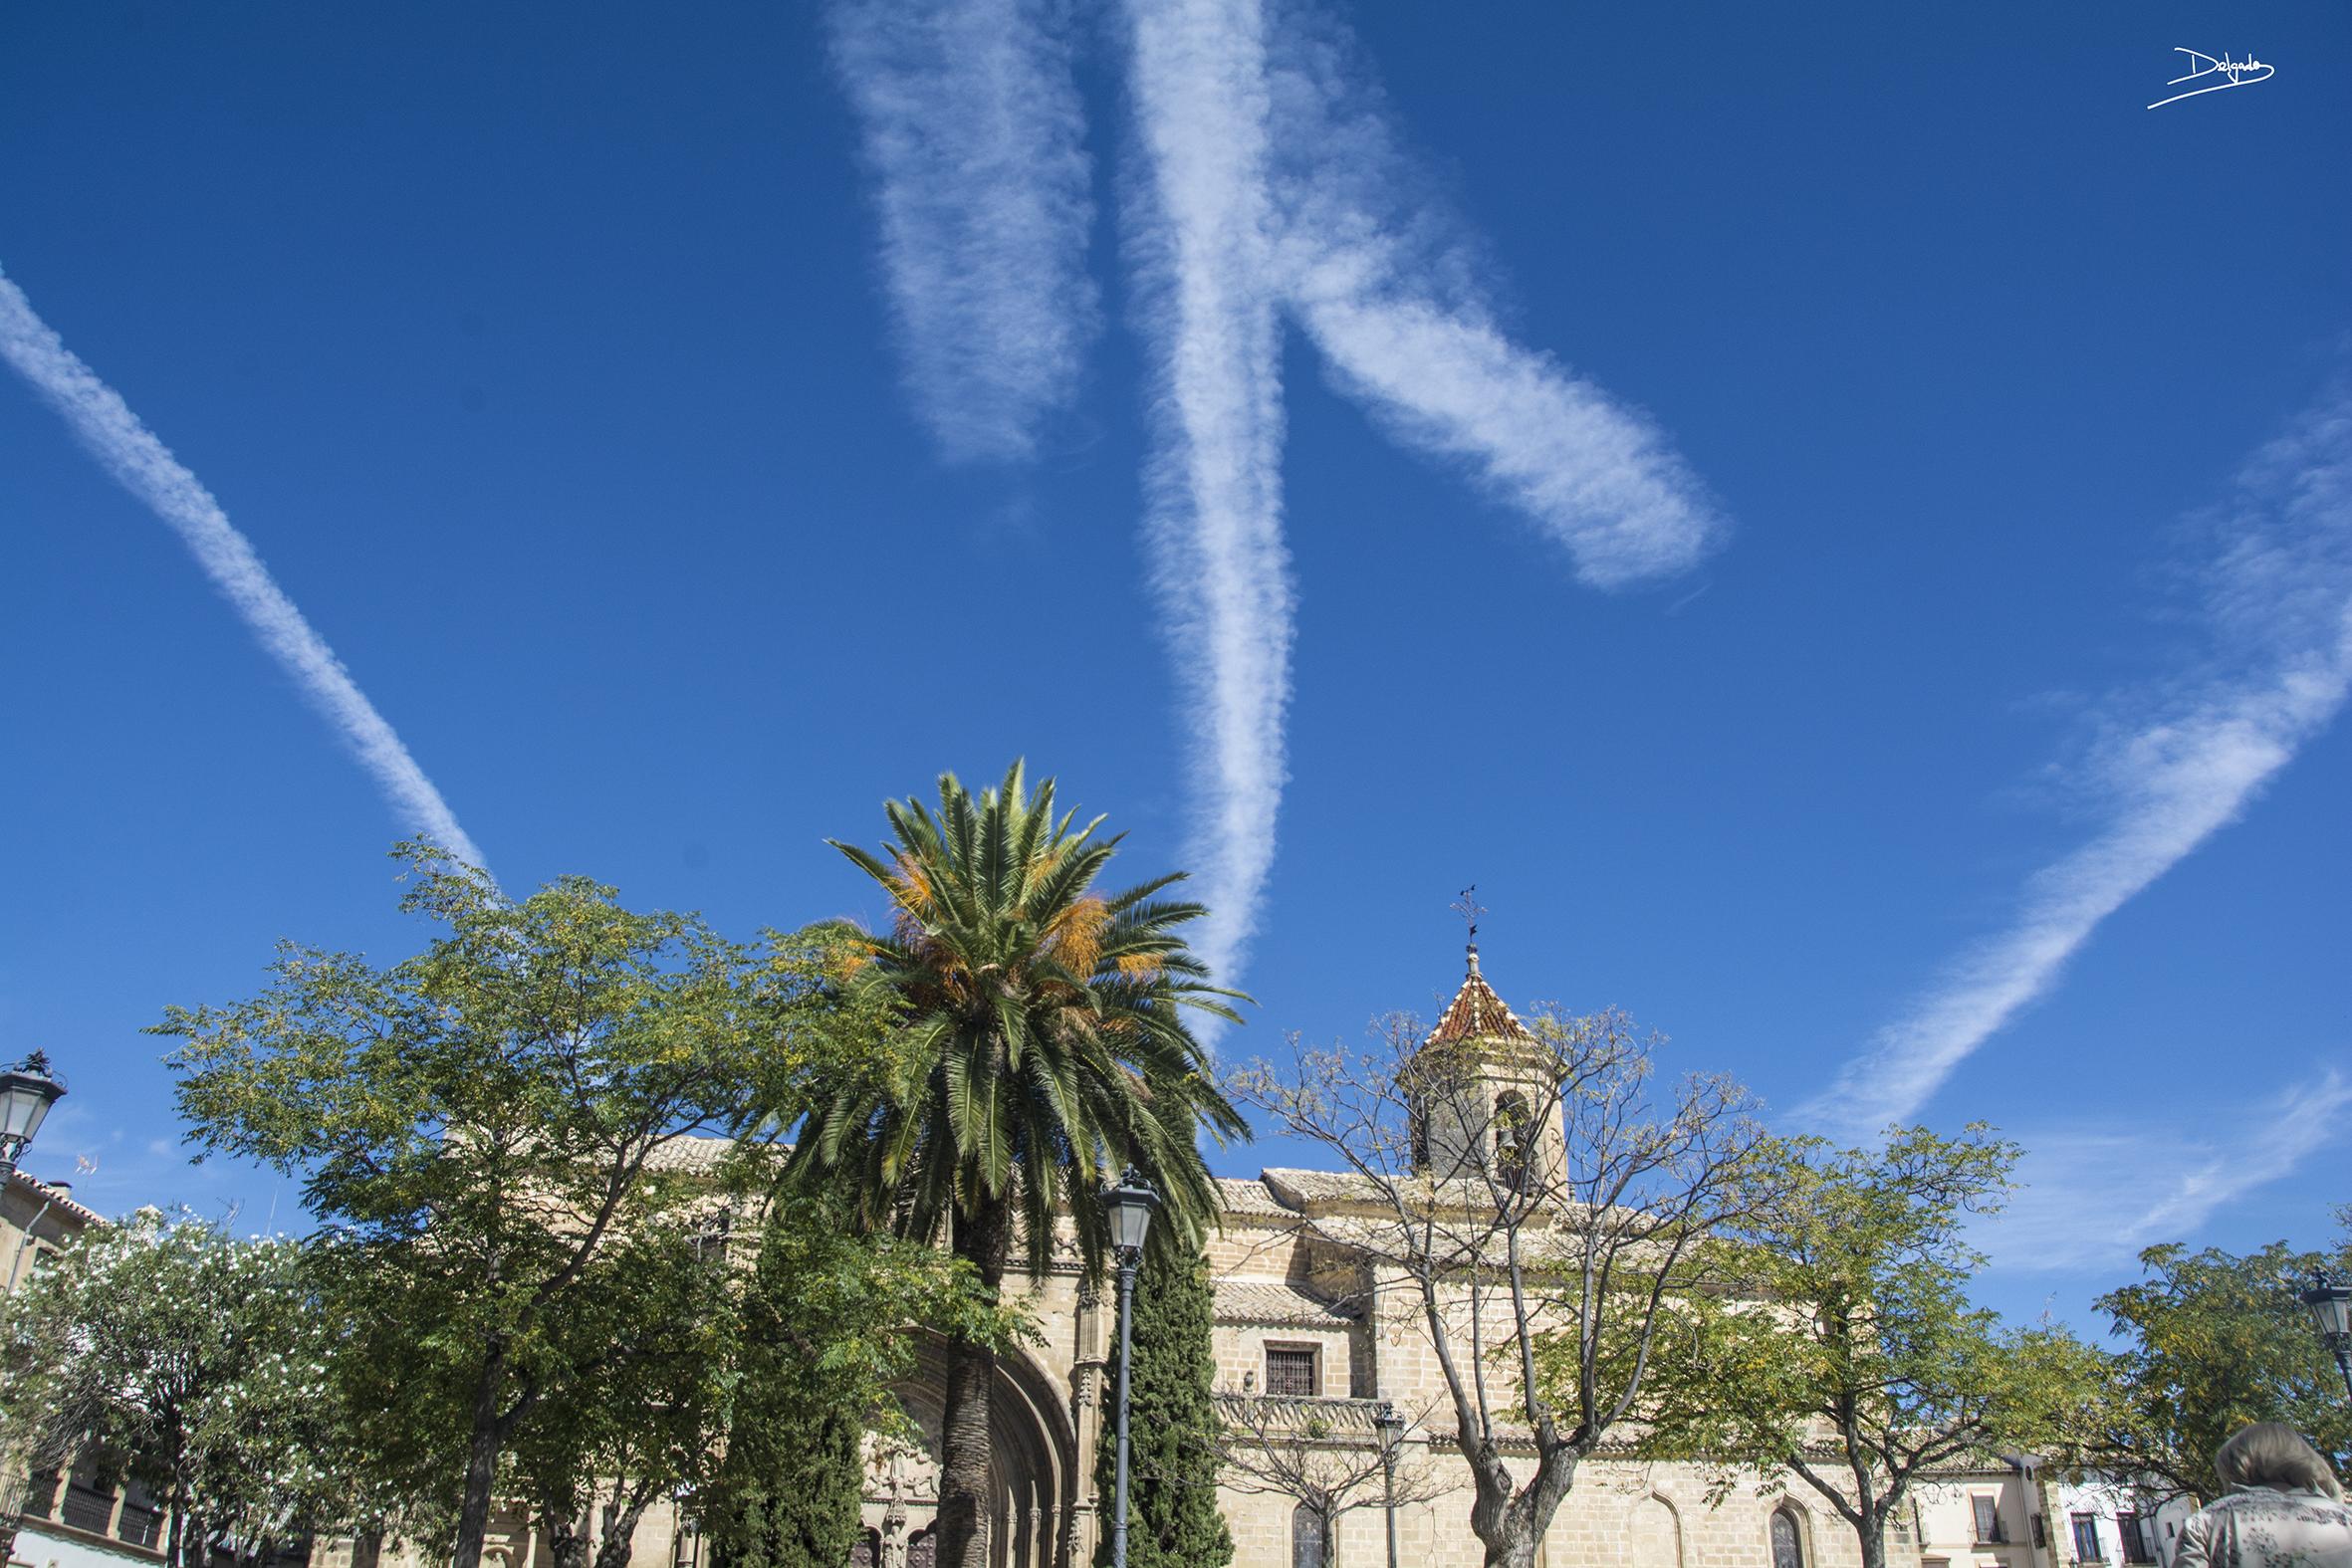 Foto del día: El encanto también está en el cielo